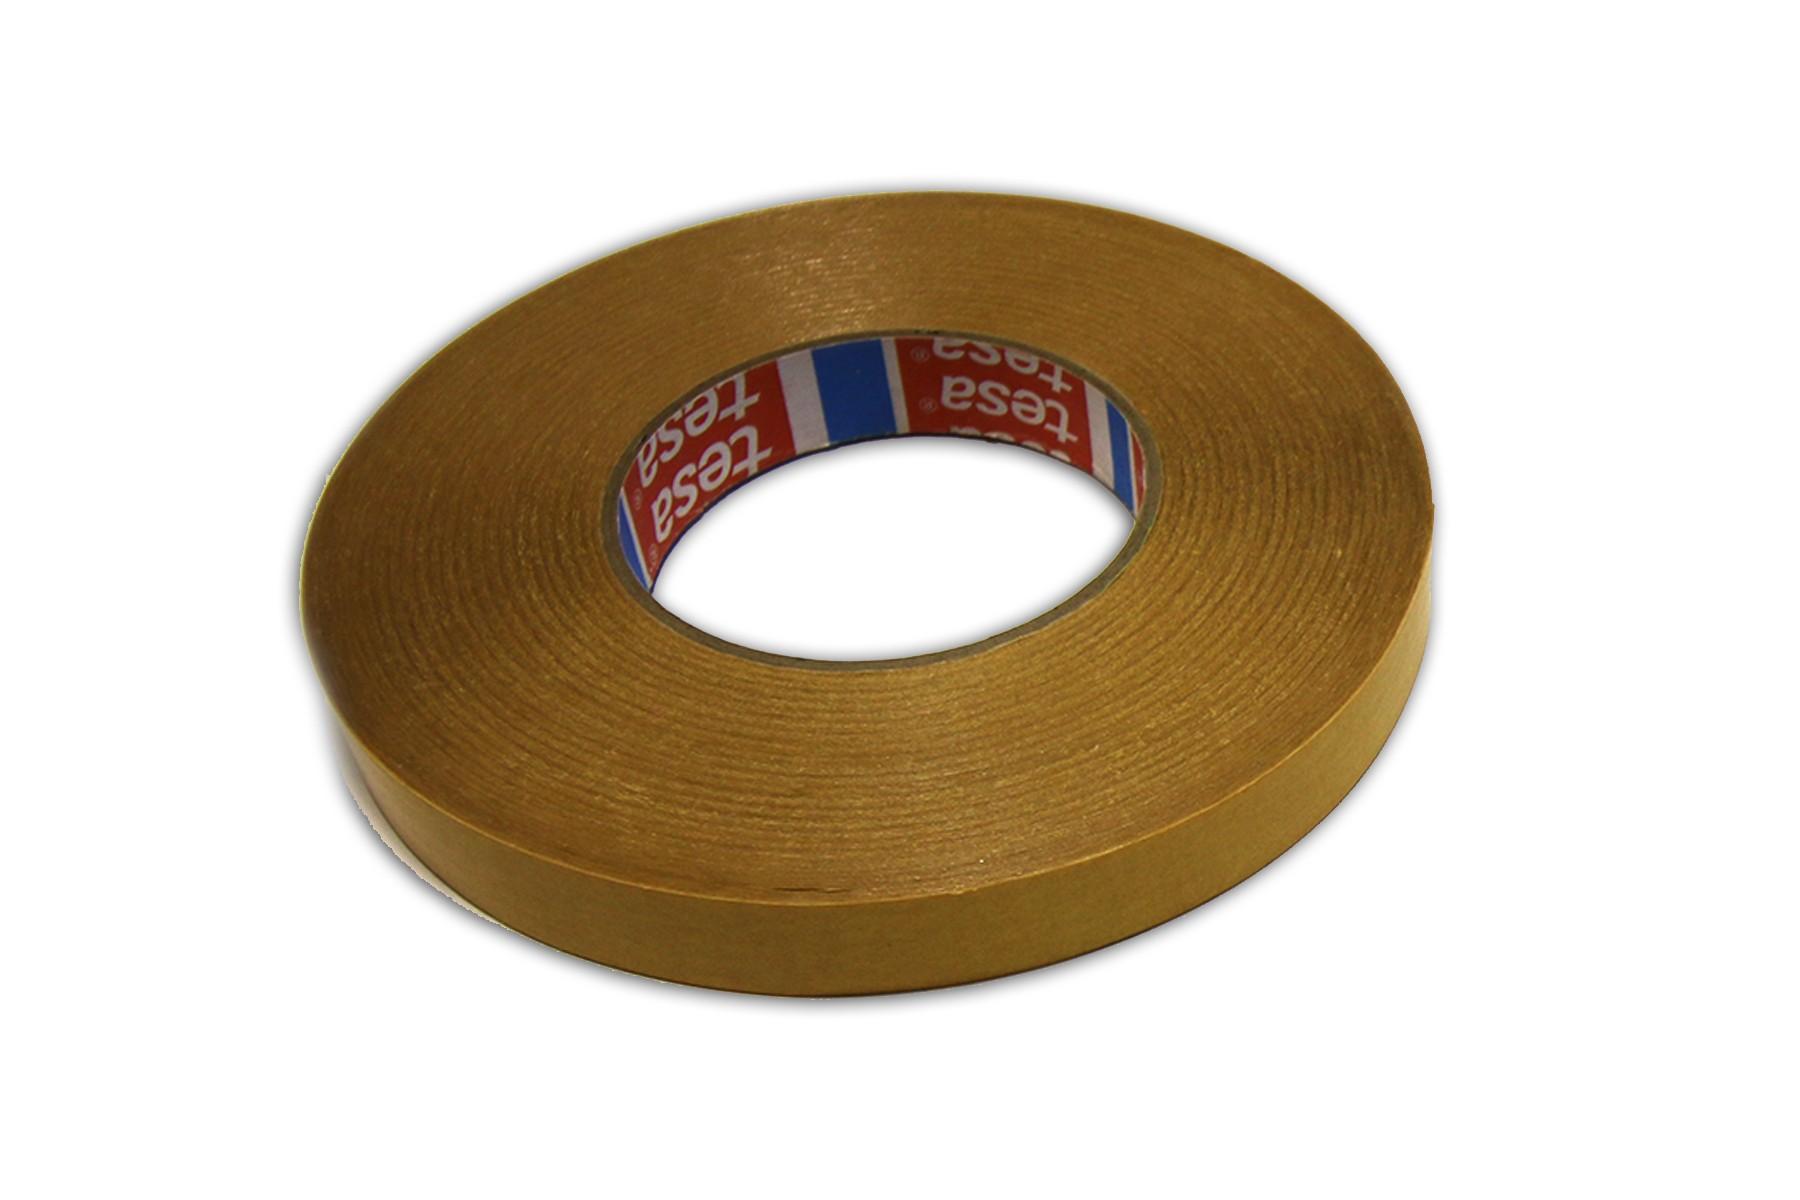 Tape, Tesa (Tuff) 38mm x 55m (1.5 in) -